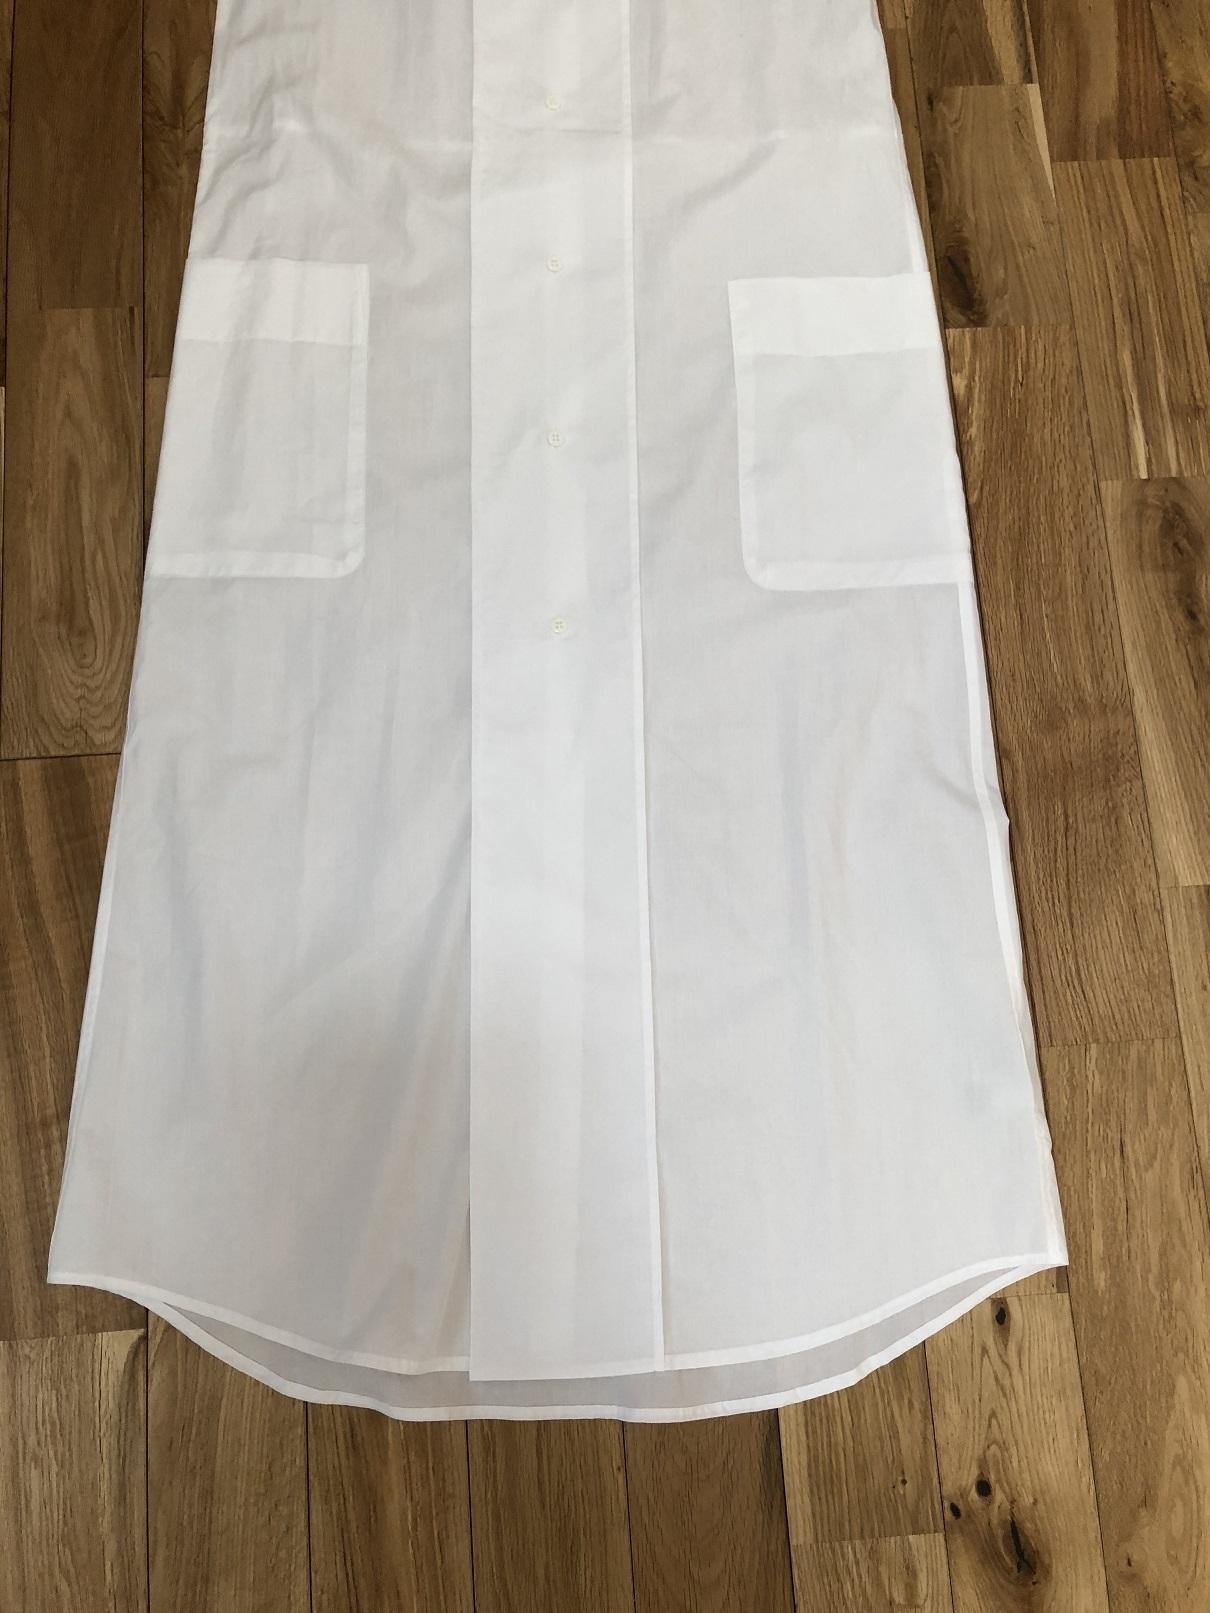 GU×キムジョーンズコラボのシャツワンピース♪ プチプラとは思えないクオリティの高さにびっくり!_1_2-3